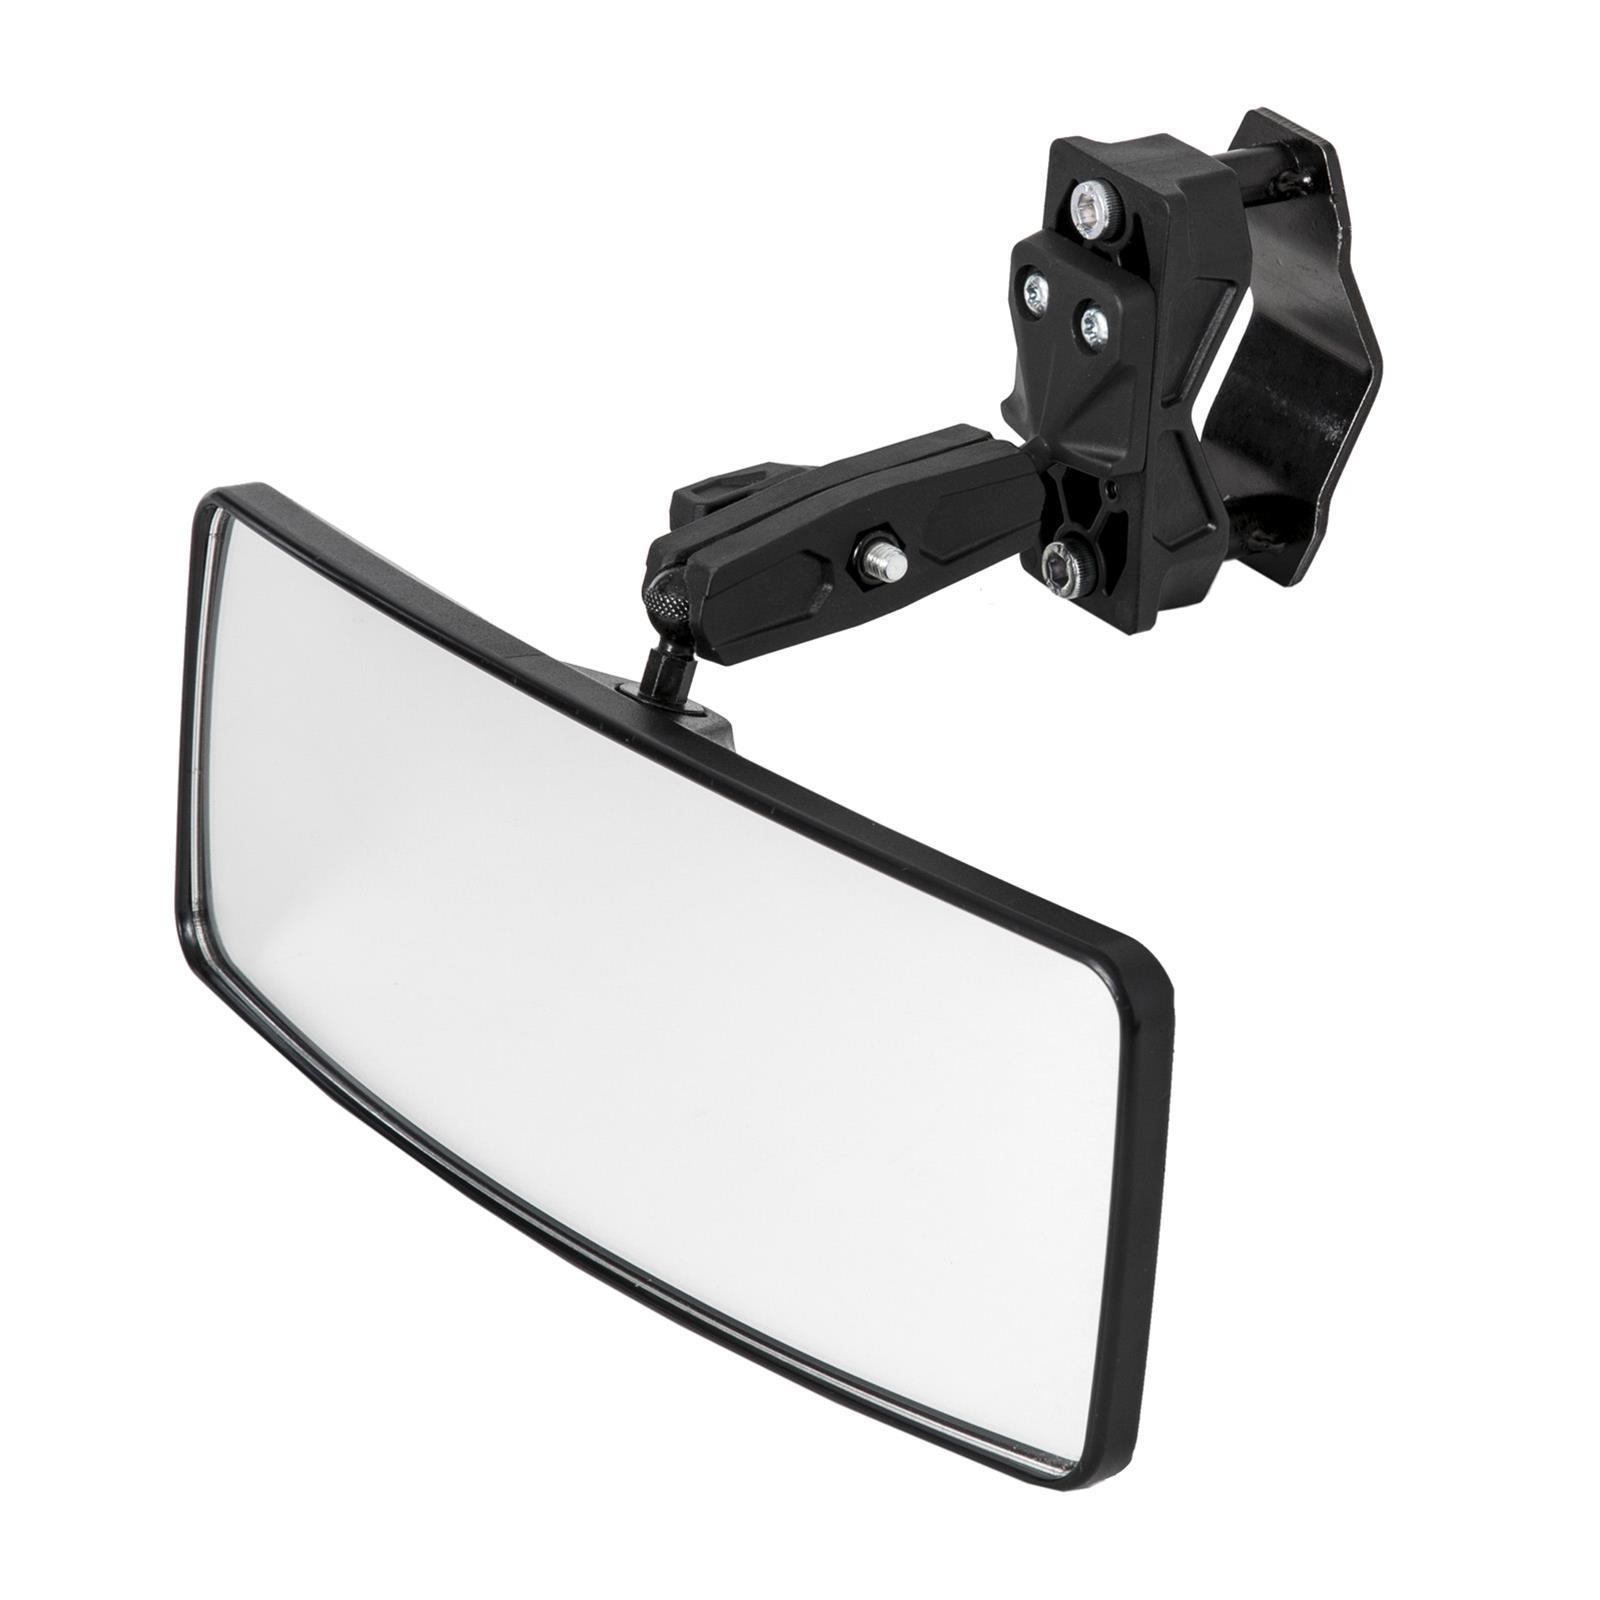 98310 Kolpin UTV Rear Mirror